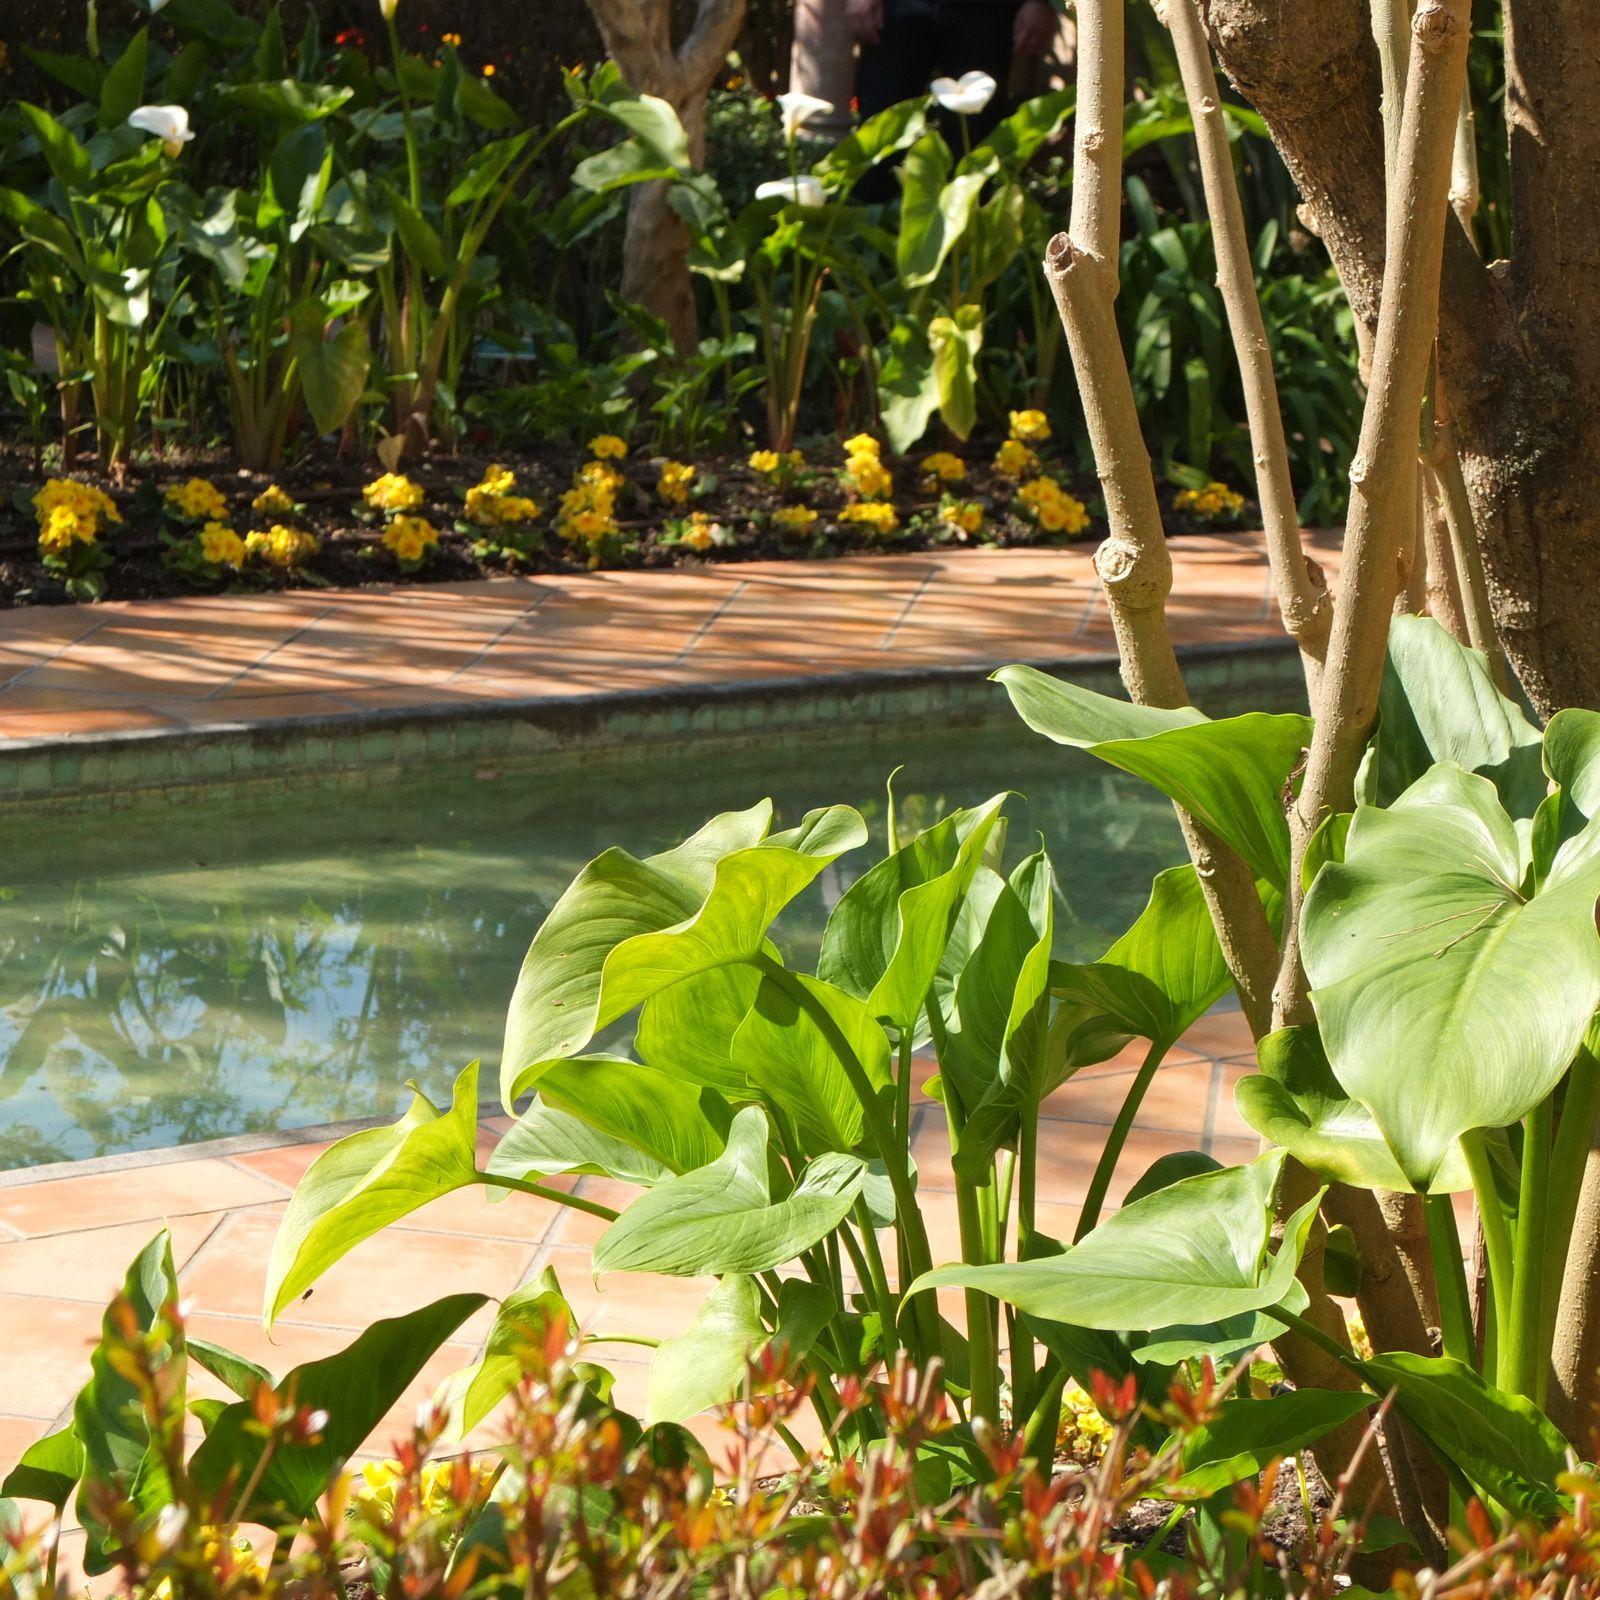 Mon coup de foudre, le jardin espagnol. Ou l'art du jardin à son apogée !